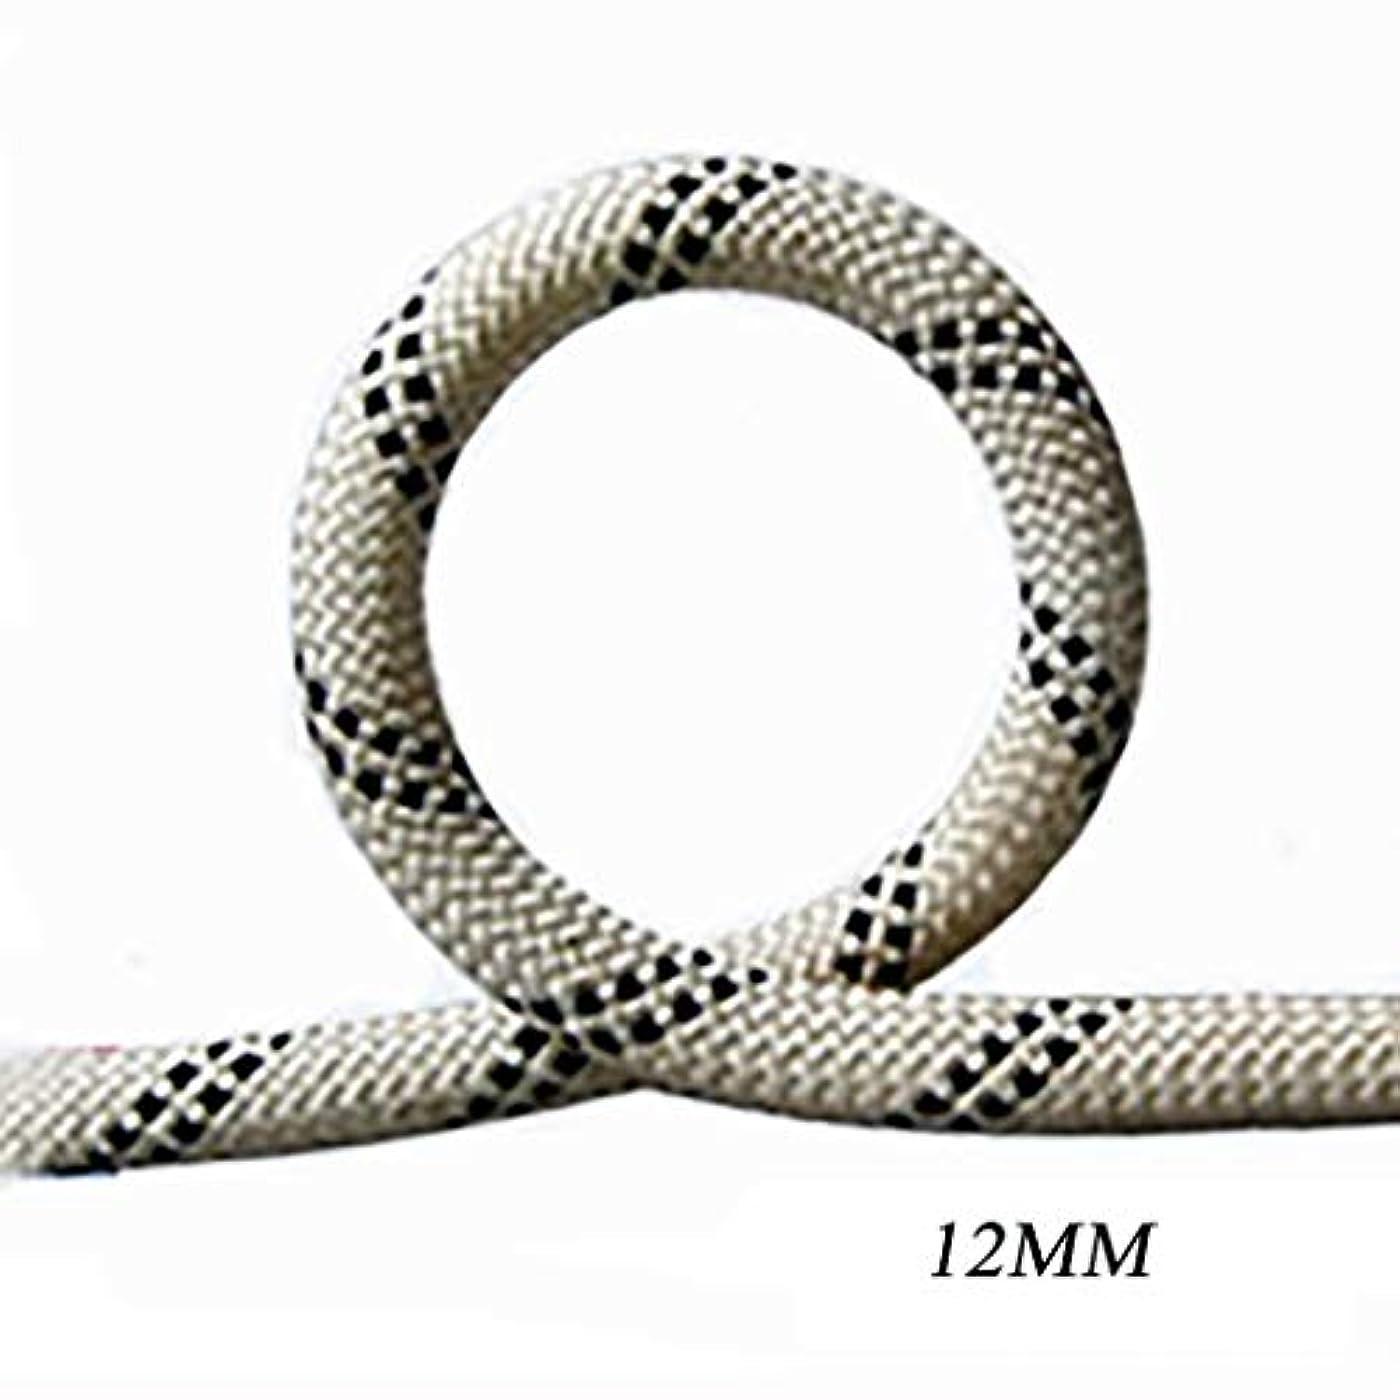 妻個人的な差別化するロープ(張り綱) スタティックロープ屋外登山用ラペリングロープナイロン耐摩耗クライミング用安全ロープΦ12MM(0.47mm)白黒 (サイズ さいず : 60M(196.8FT))